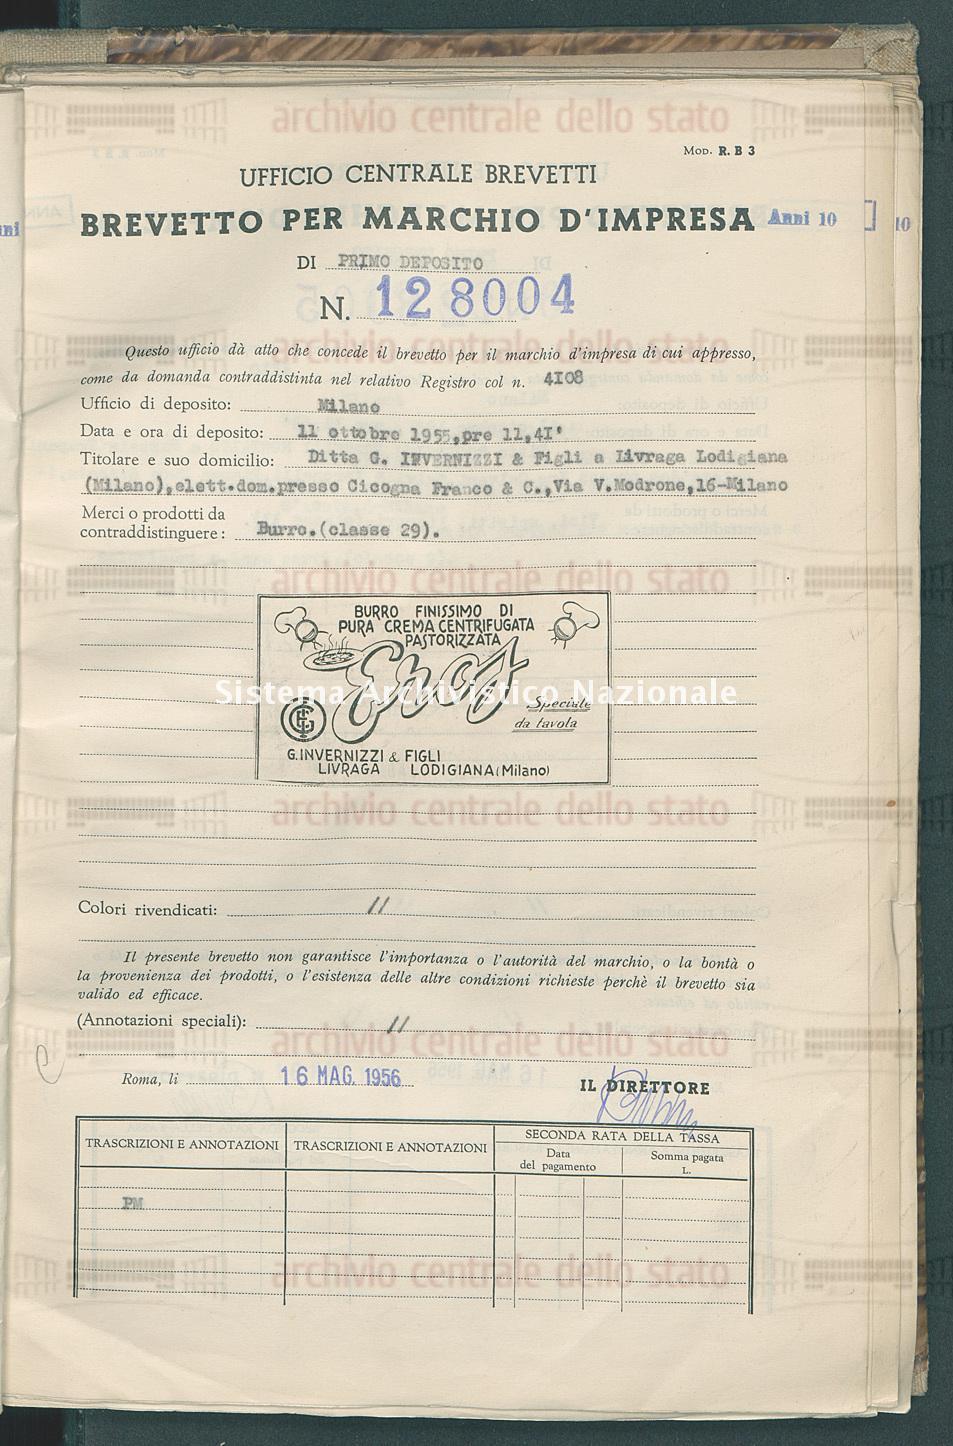 Burro Ditta G.Invernizzi & Figli (16/05/1956)